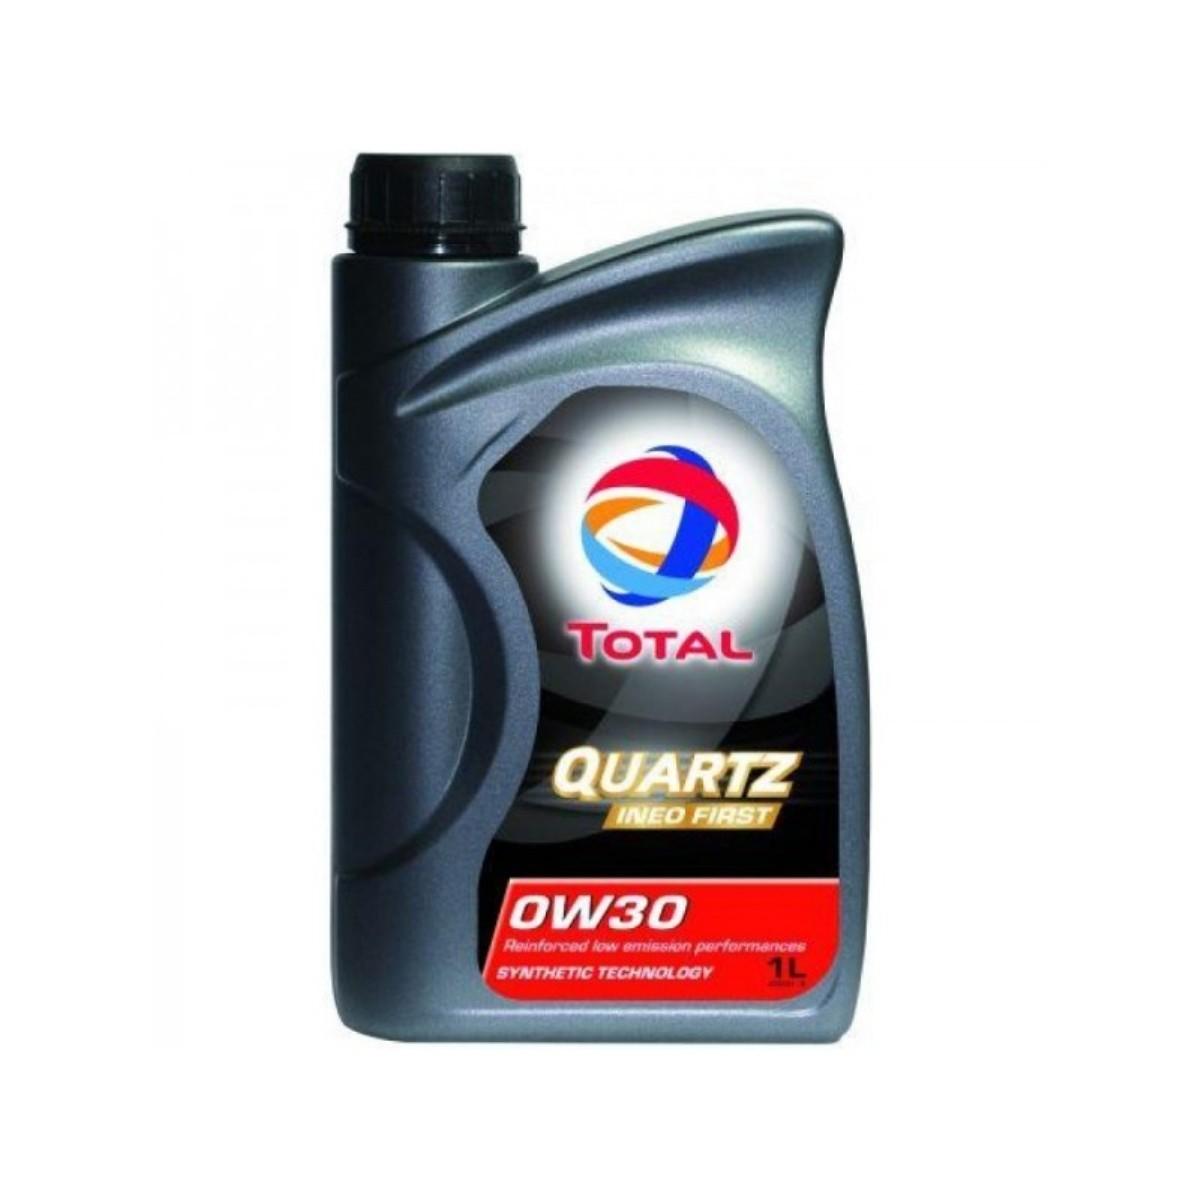 Моторное масло Total Quartz Ineo First 0W30, 1 лкн12-60авцTOTAL QUARTZ INEO FIRST 0W-30 применяется концерном PSA PEUGEOT CITROEN в качестве моторного масла первой заливки и рекомендуется для послепродажного обслуживания. Моторное масло, разработанное по синтетической технологии, обеспечивает двигатель максимальной защитой от износа и от образования отложений. Благодаря малозольной формуле (низкое содержание серы, фосфора, пониженная зольность) масло обеспечивает долгое и правильное функционирование системы доочистки выхлопных газов, чувствительных к смазочным материалам и дорогих в обслуживании. Применение TOTAL QUARTZ INEO FIRST 0W30 позволяет экономить, не требуя при этом изменения стиля вождения. Подходит для наиболее сложных условий эксплуатации (езда от двери до двери, спортивное вождение, старт-стоп, езда в городе и т.д.). Синтетическая технология Экономия топлива и LOW SAPS Международные спецификации: ACEA C1 и C2 2010 Одобрения автопроизводителей:PSA PEUGEOT CITROEN B71 2312